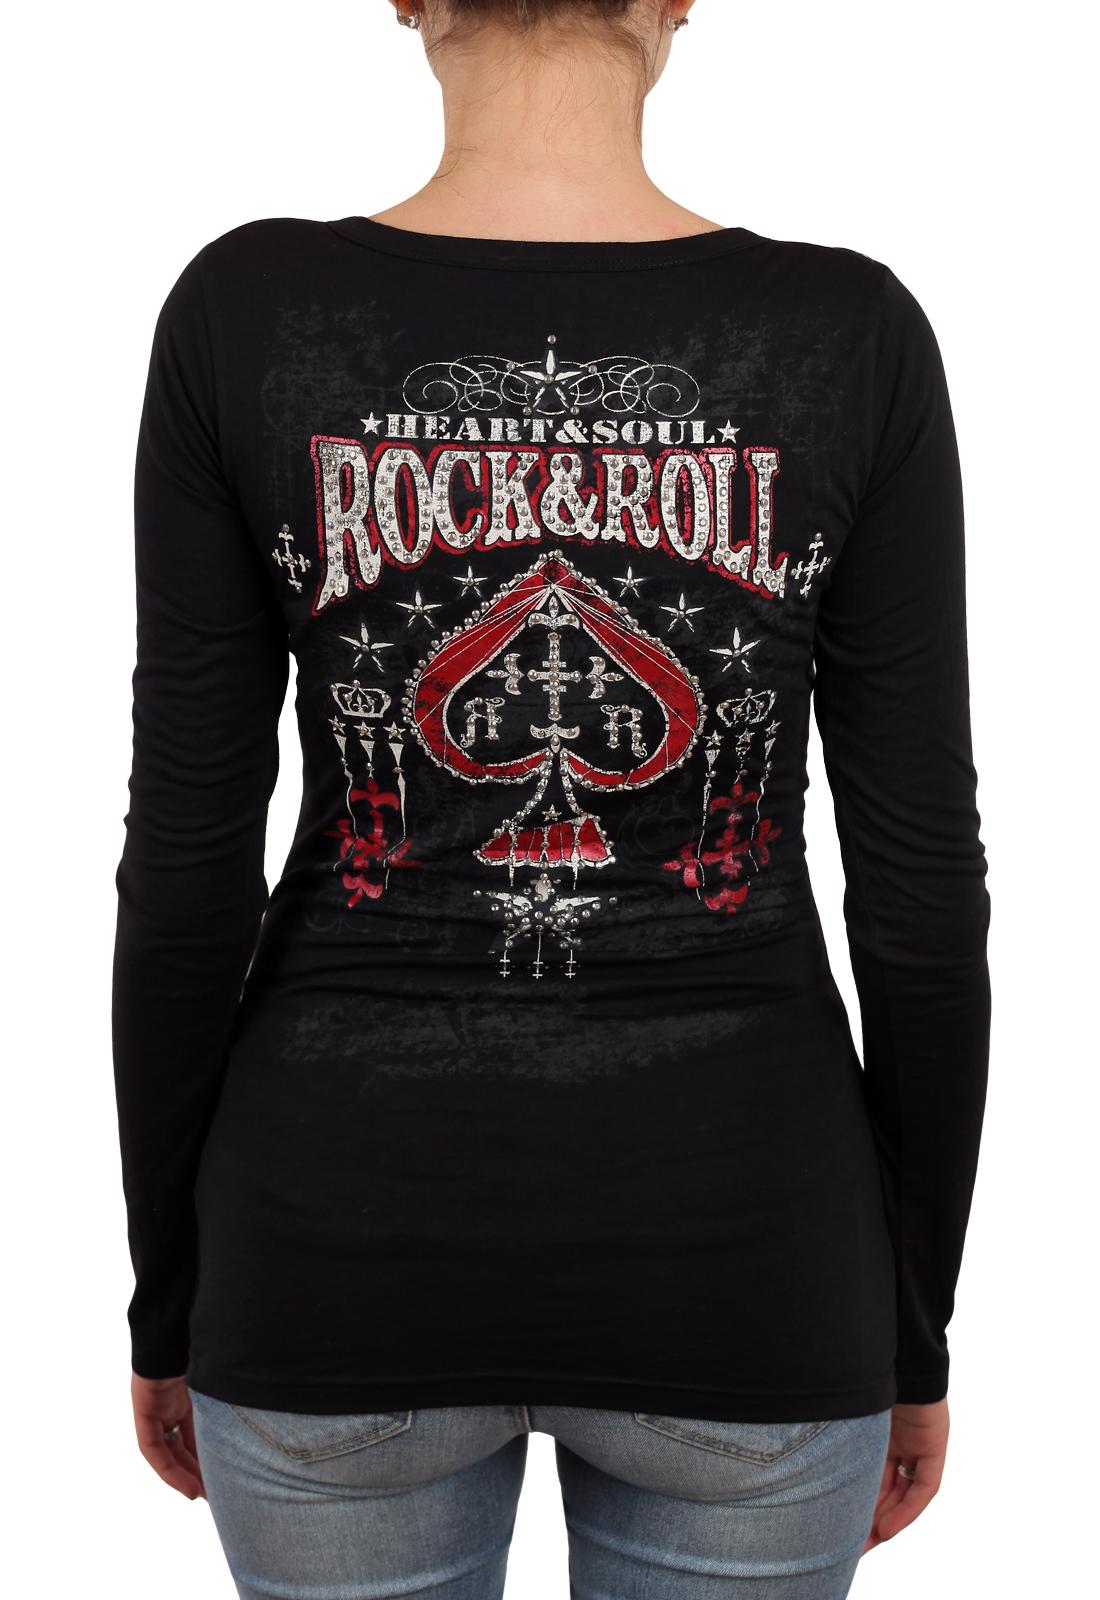 Черный женский пуловер Rock and Roll Cowgirl. Кокетливые пуговички, соблазнительное декольте, смелый принт